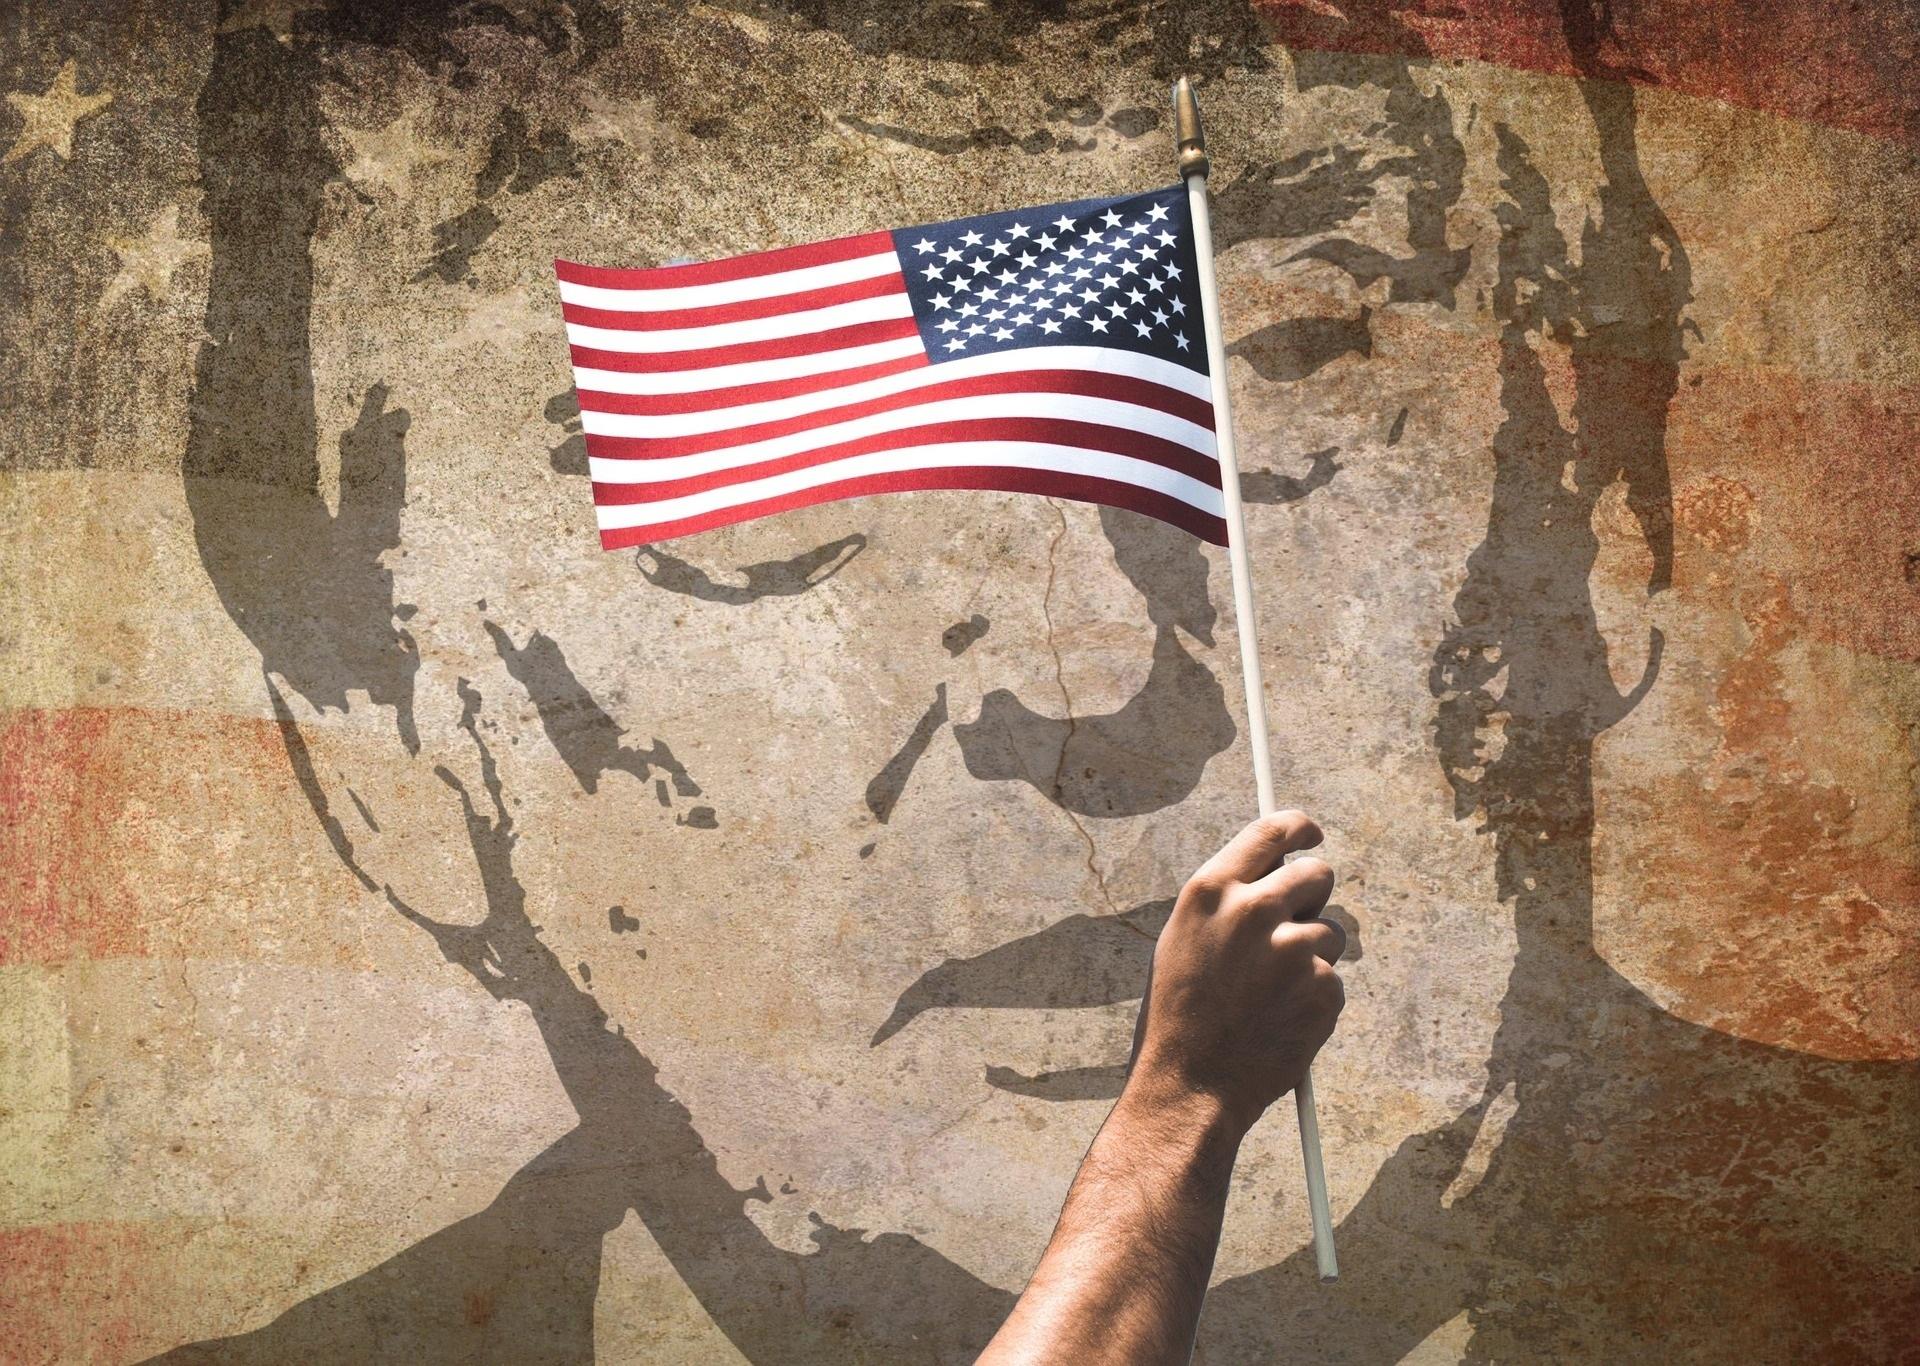 Wie sich die US-Wahl auf den europäischen Markt auswirkt